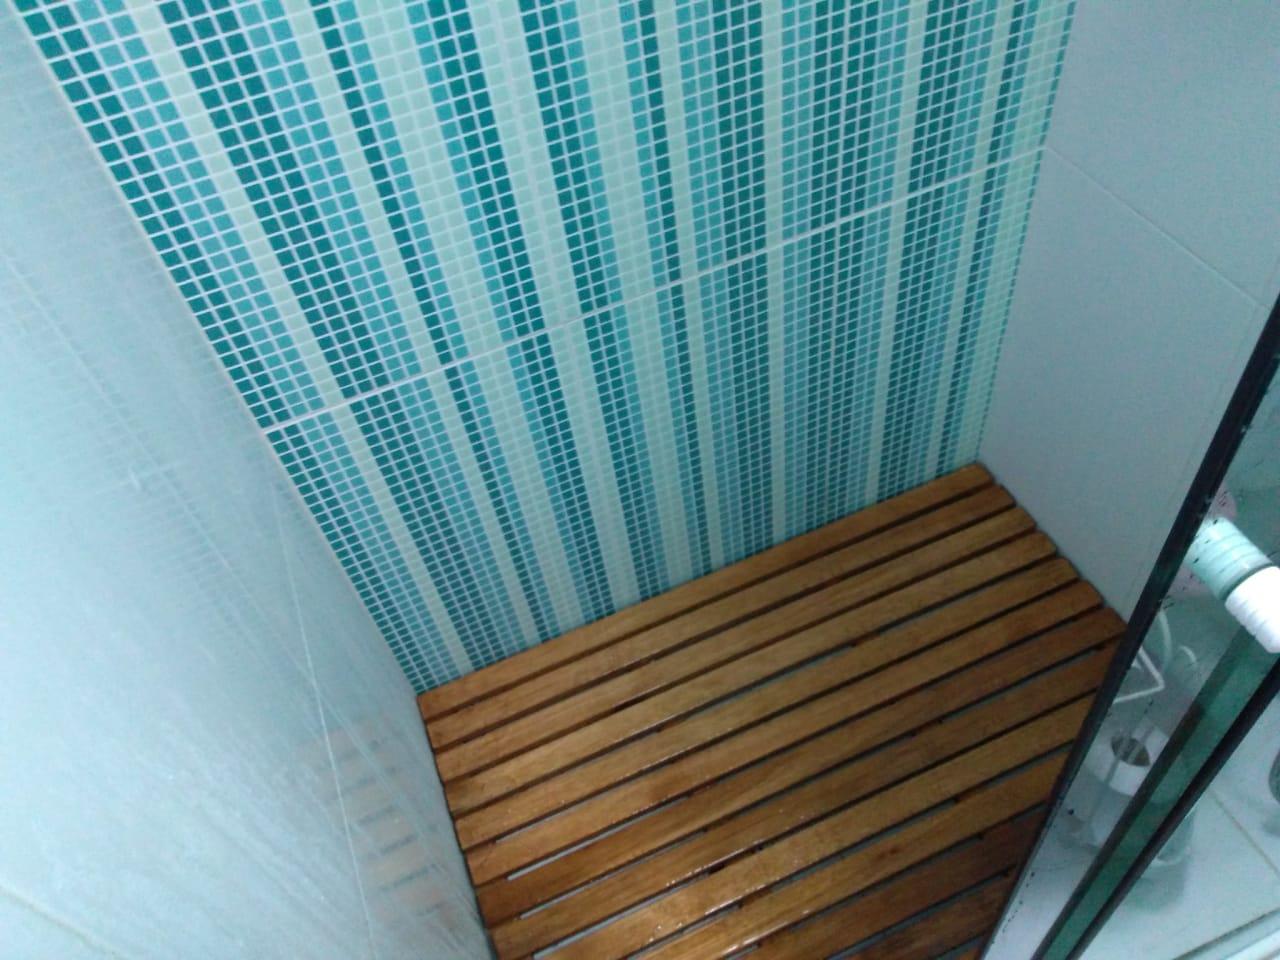 Deck De Madeira Chuveiro Box Banheiro Capacho 132x82 cm Pintado